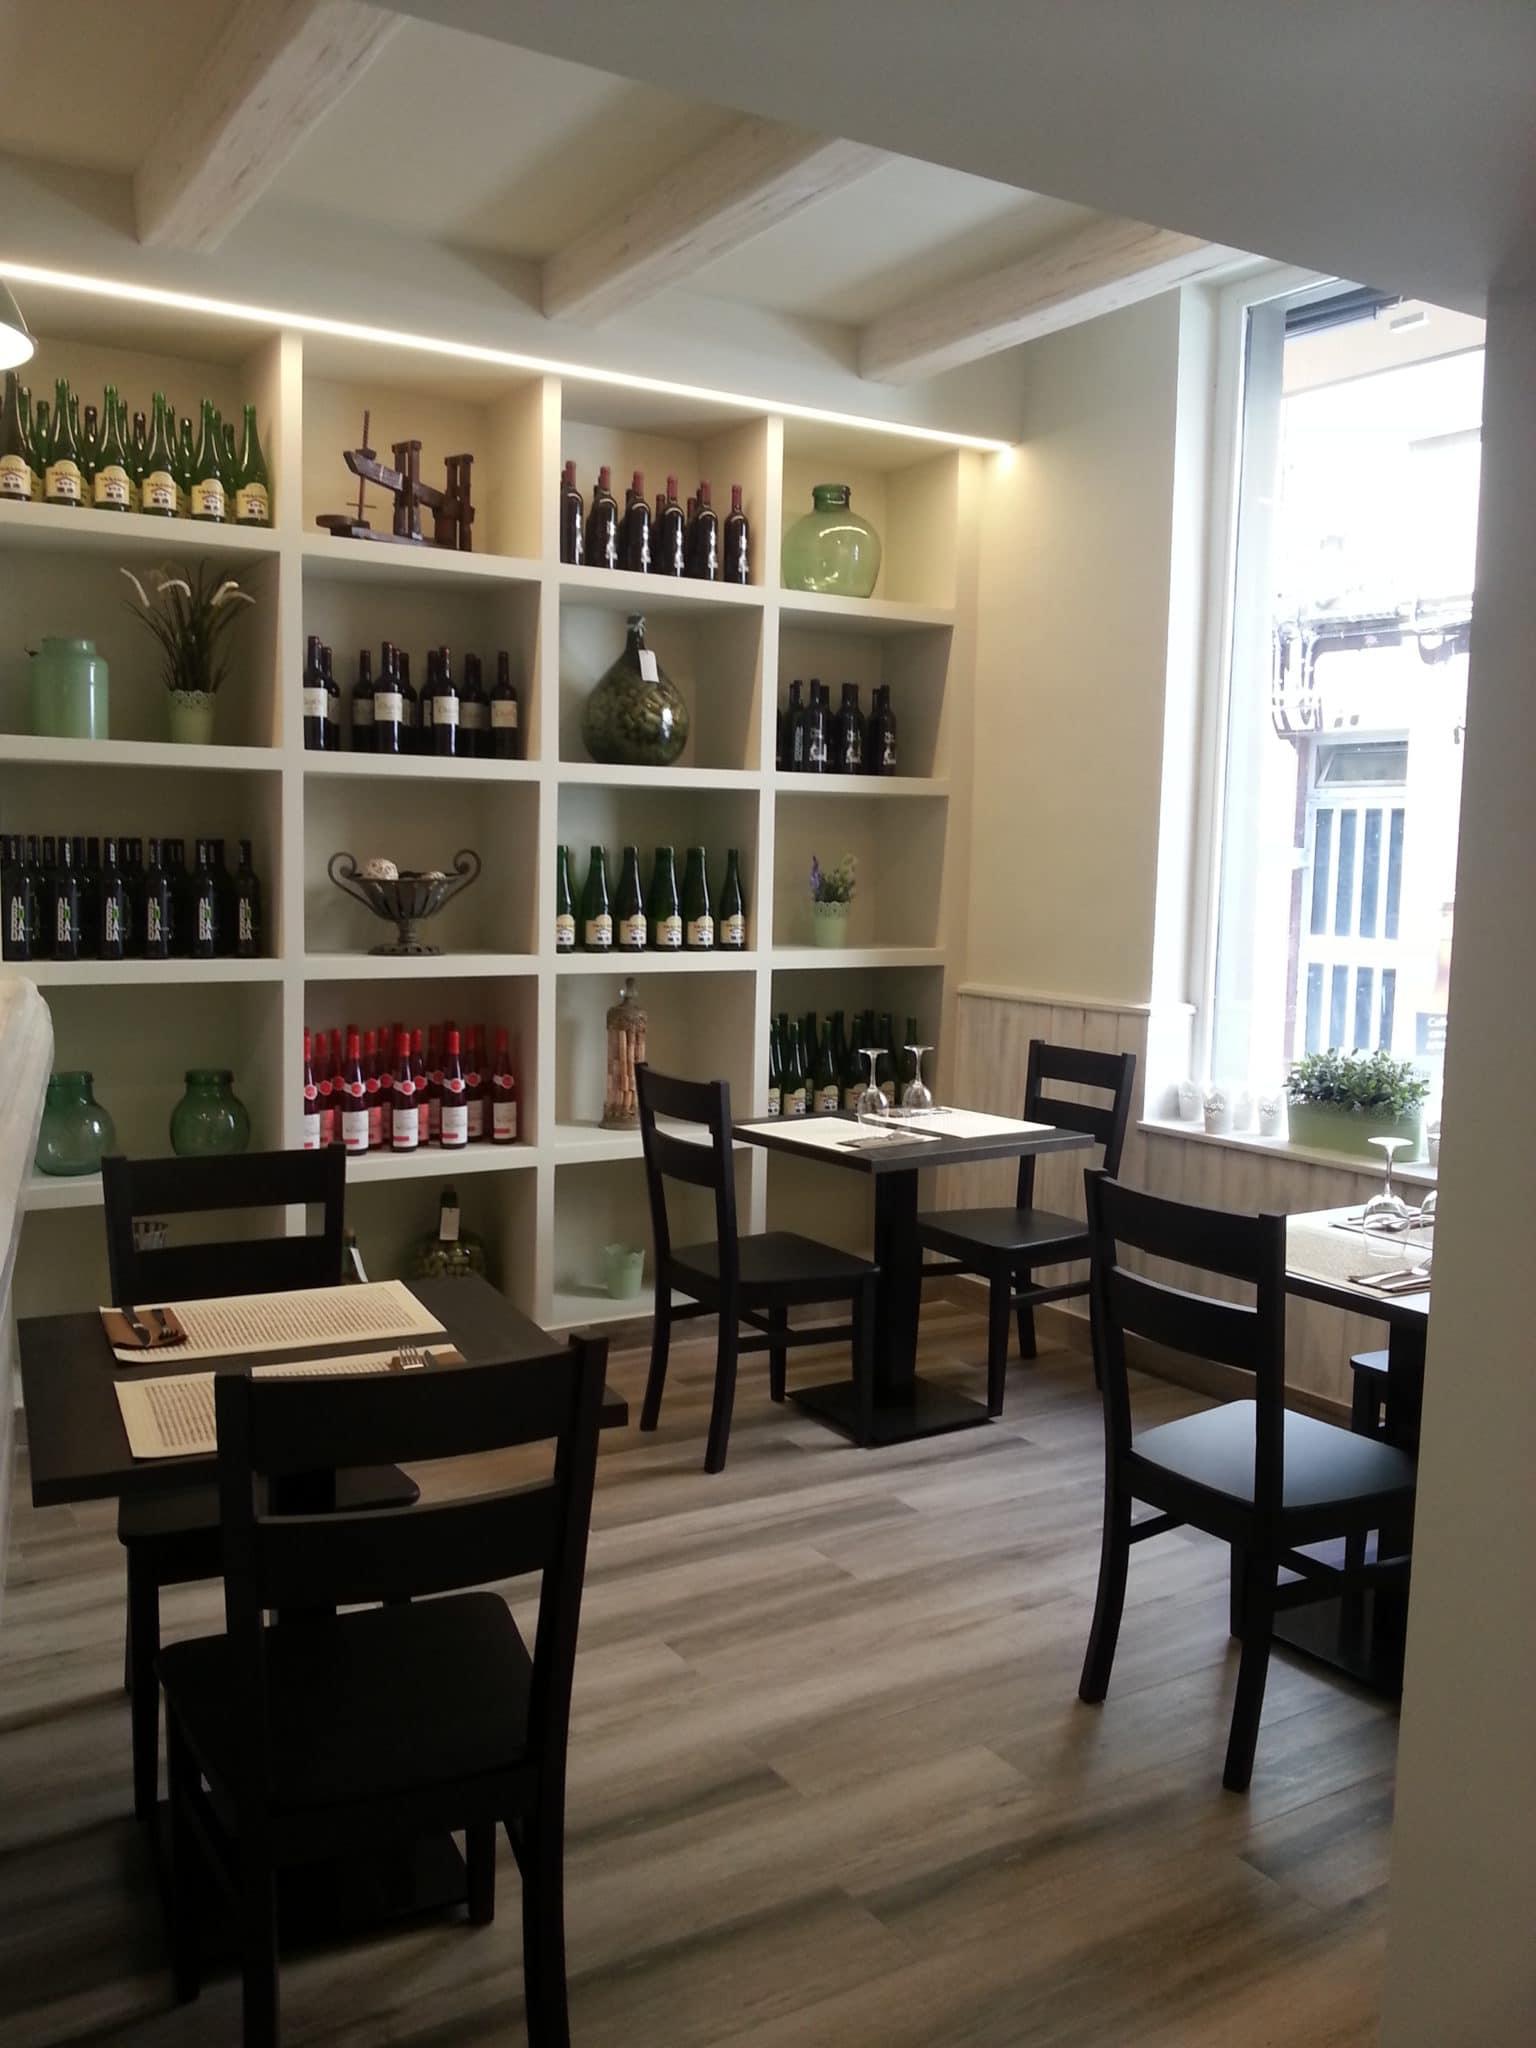 Restaurante madeixa centro sabadell - Centro de sabadell ...